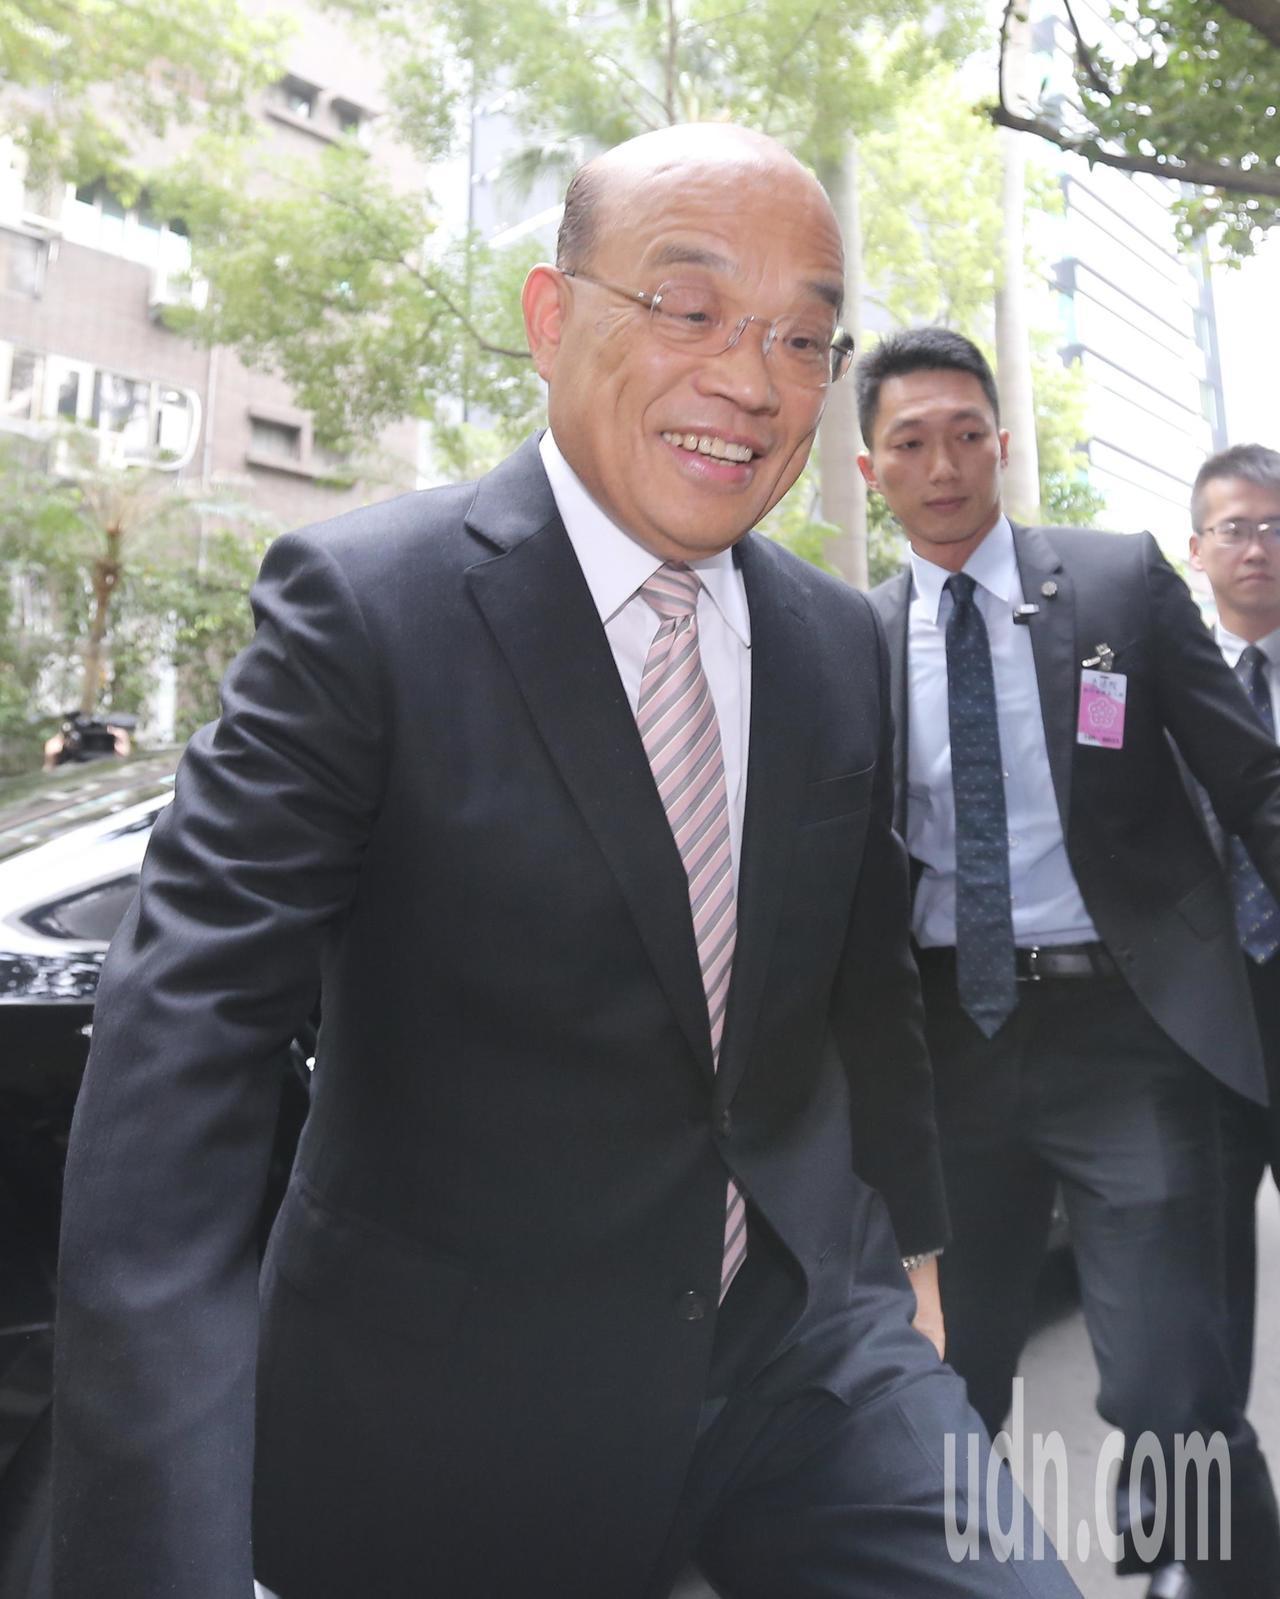 閣揆蘇貞昌昨天到立法院展開新會期的備詢。記者許正宏/攝影